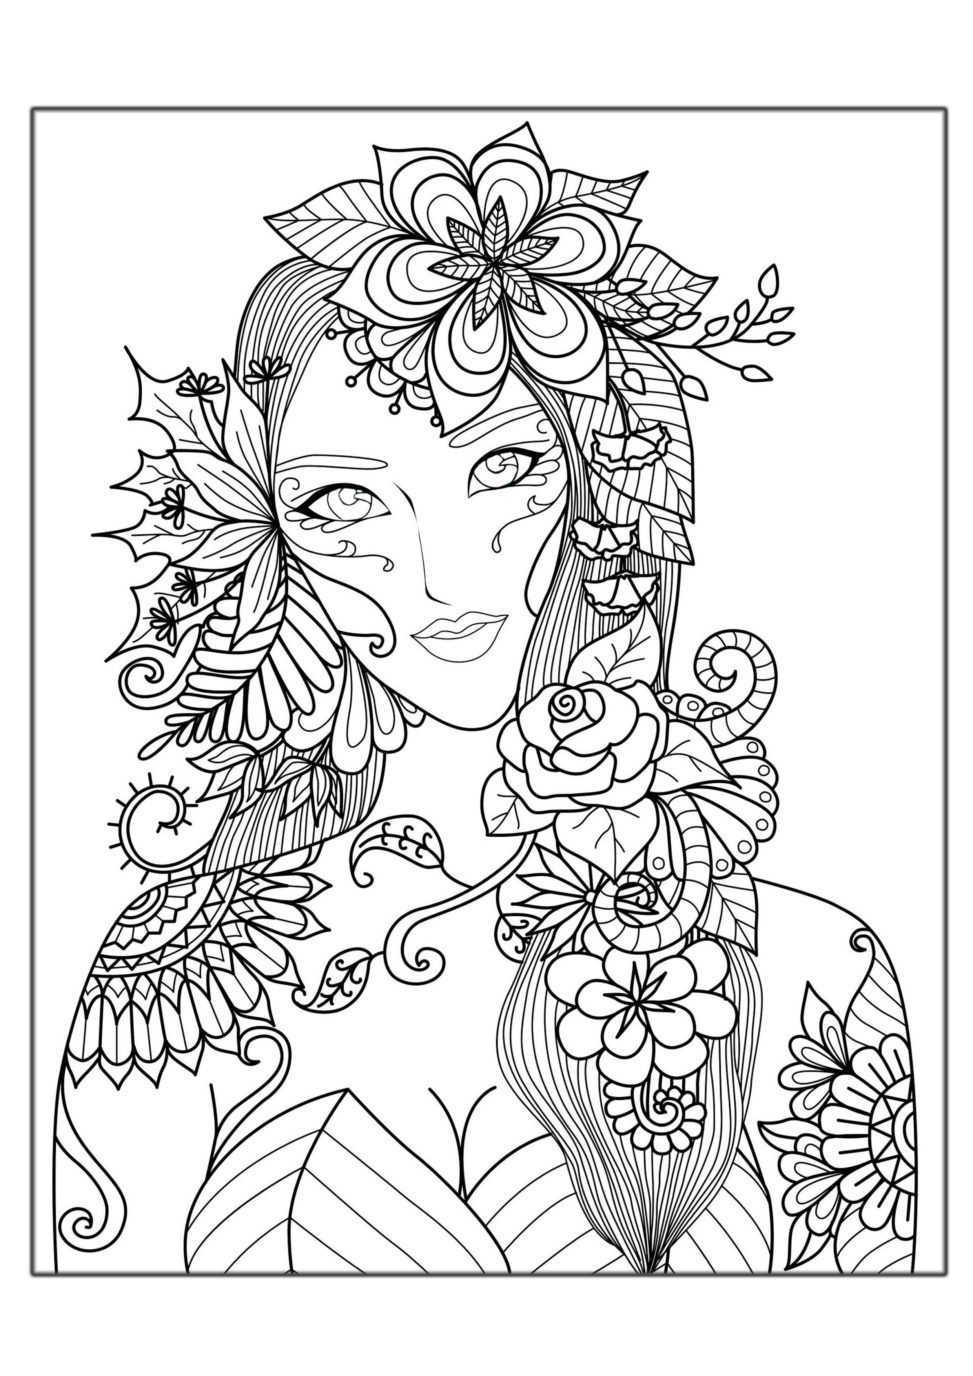 антистресс раскраски для девочек | Люди | Pinterest | Mandala ...